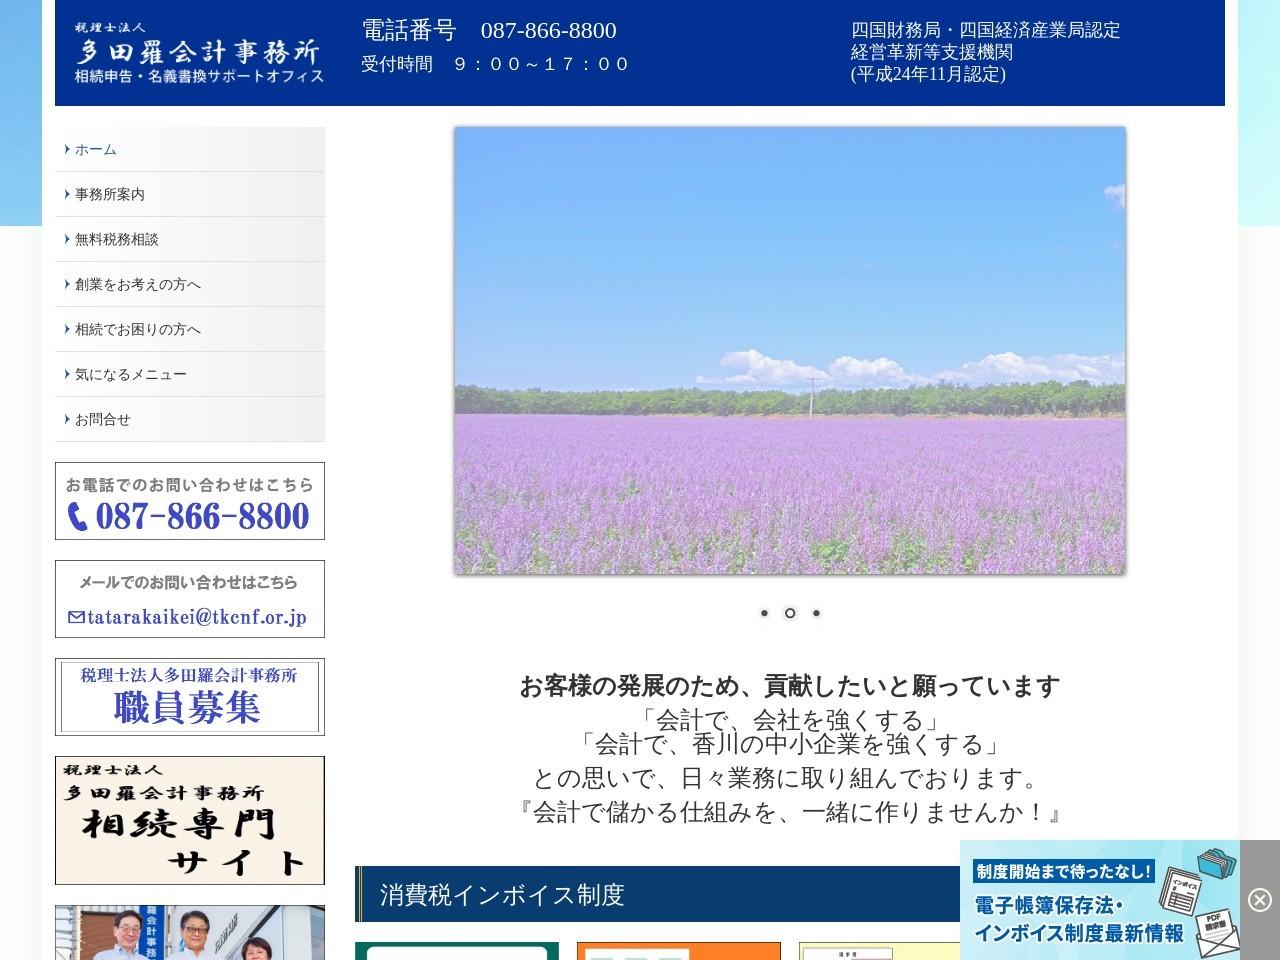 多田羅会計事務所(税理士法人)